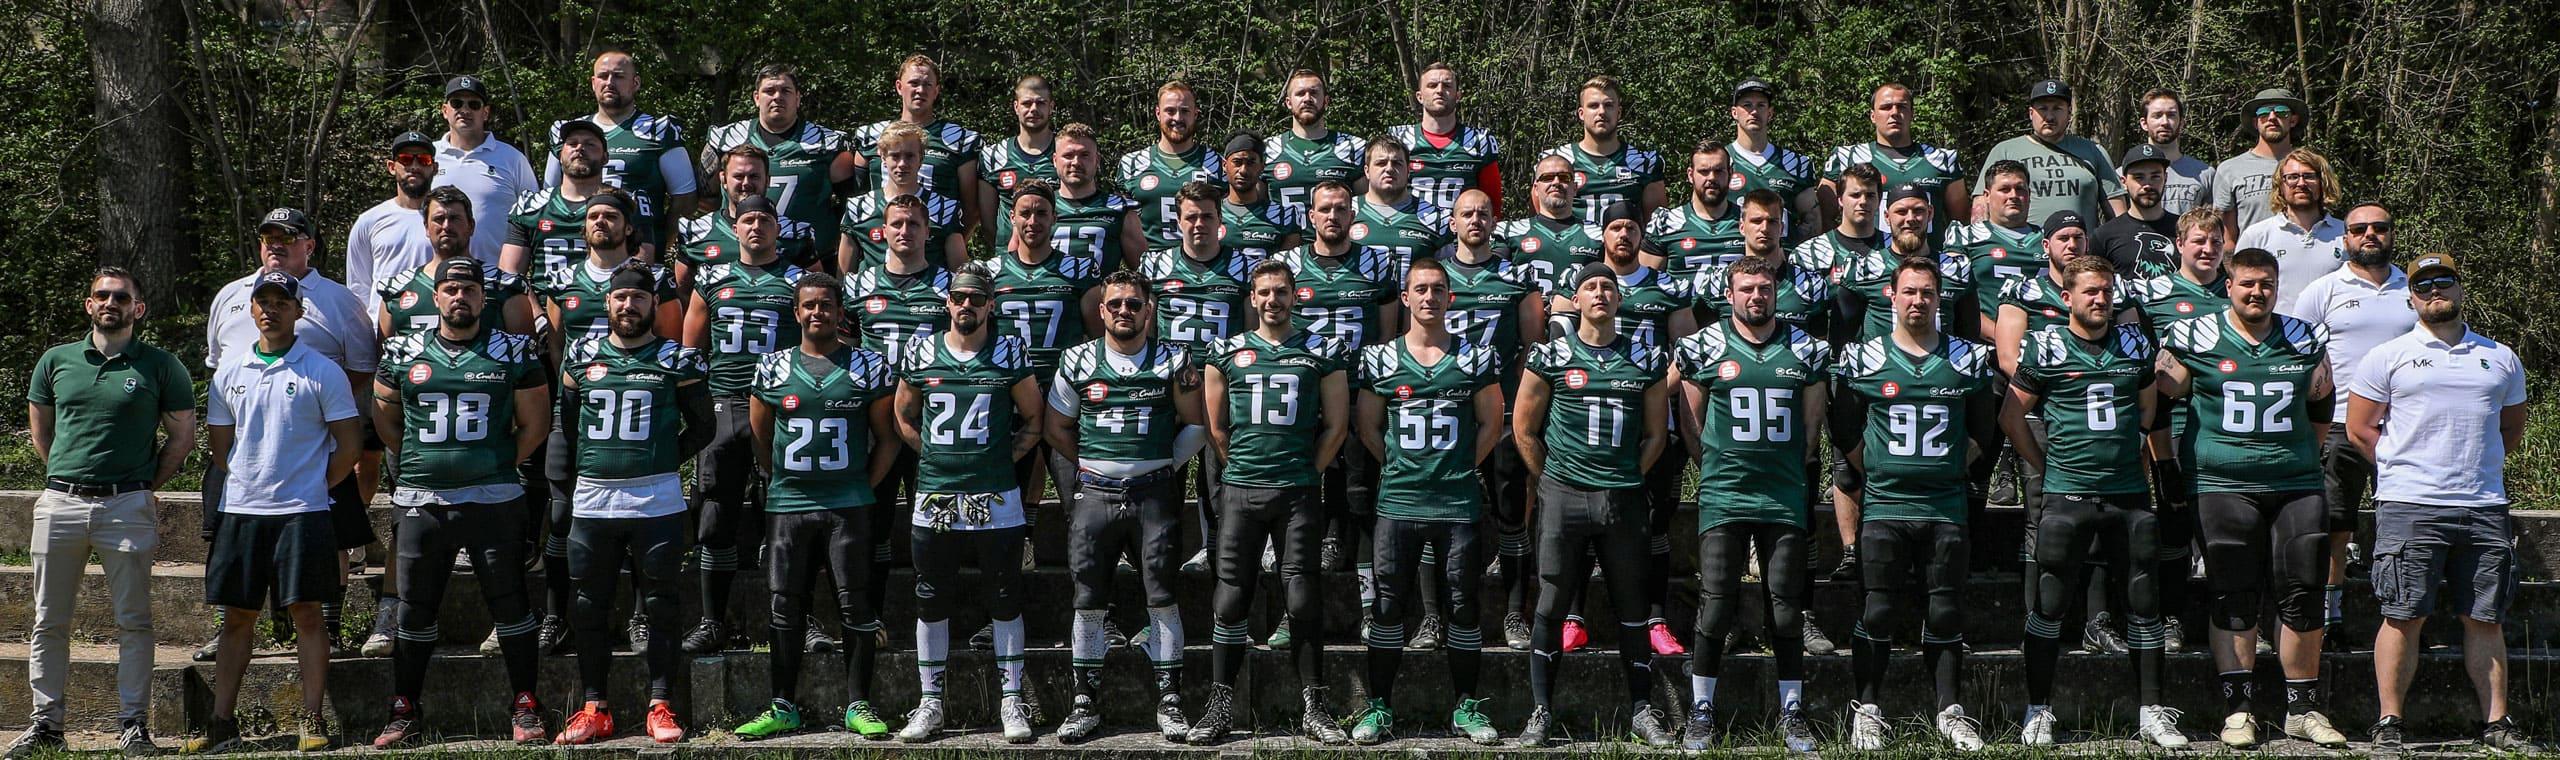 Hawks AF Team 2019